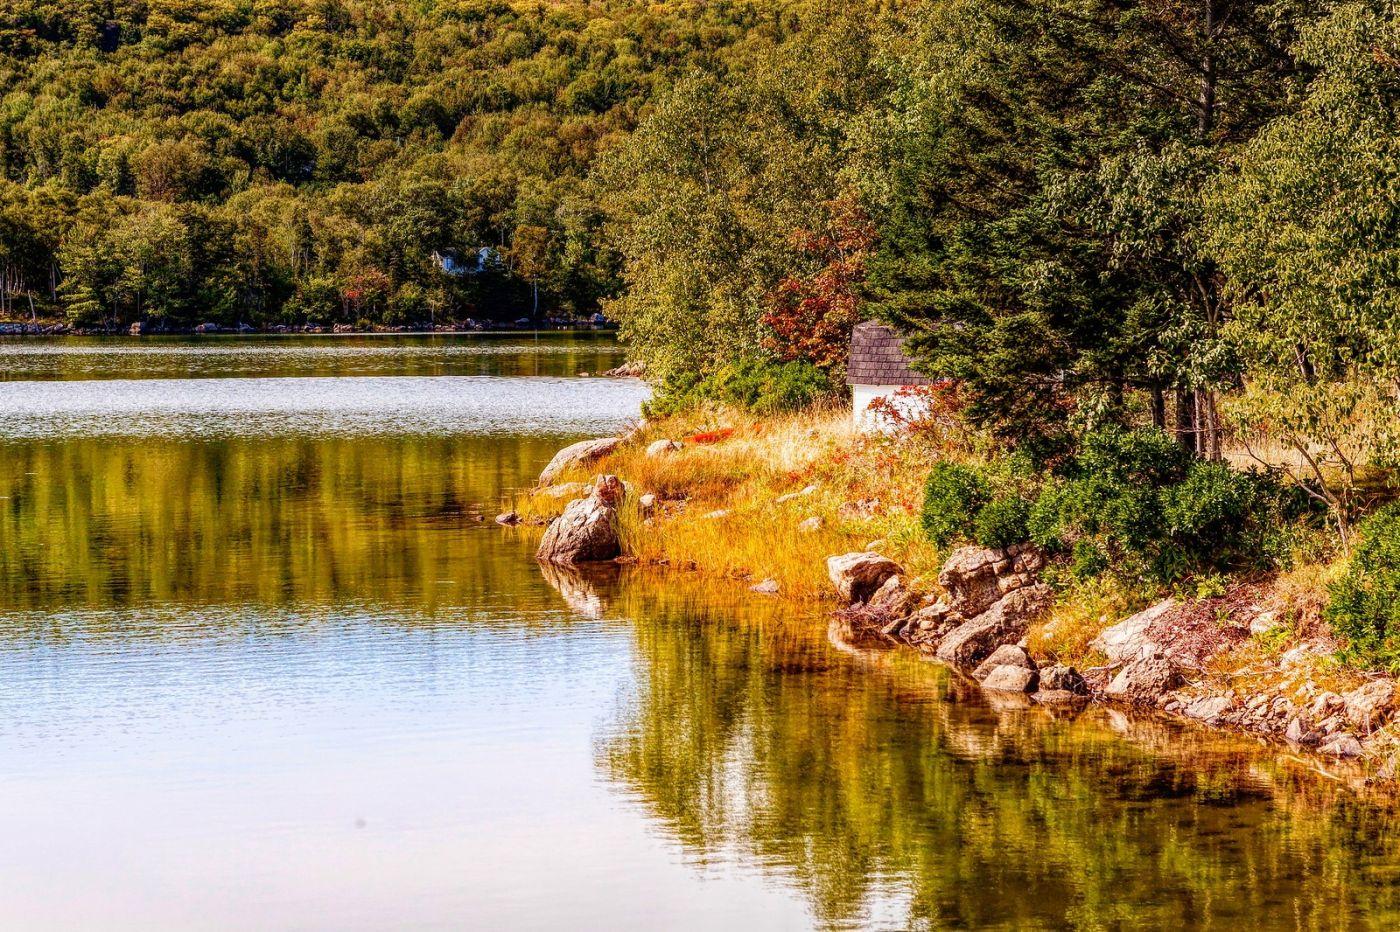 加拿大路途,水边抓拍_图1-35